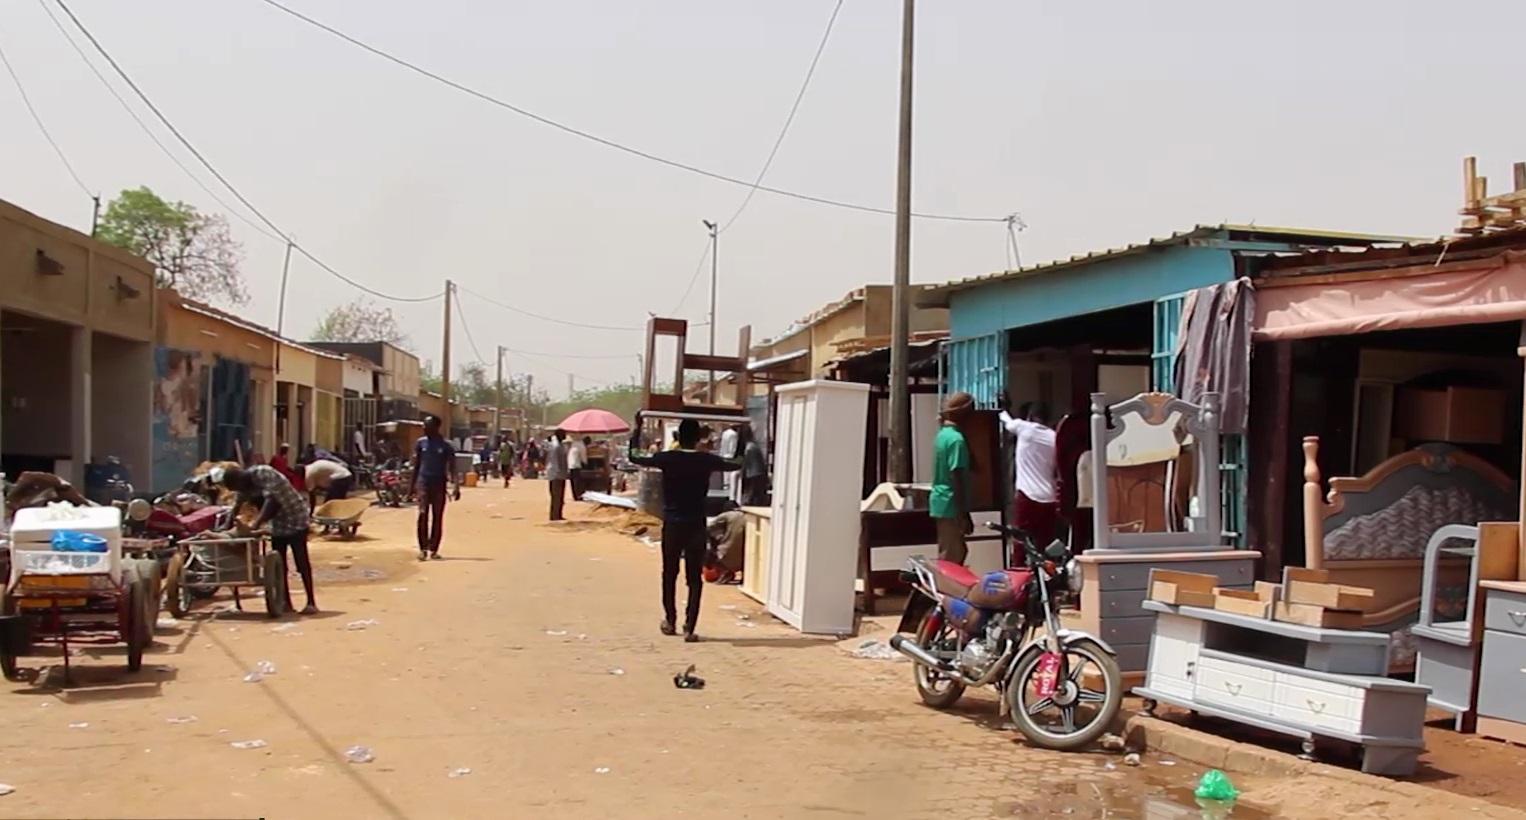 COVID-19 : Quelles stratégies de survie pour le secteur informel Nigérien ?